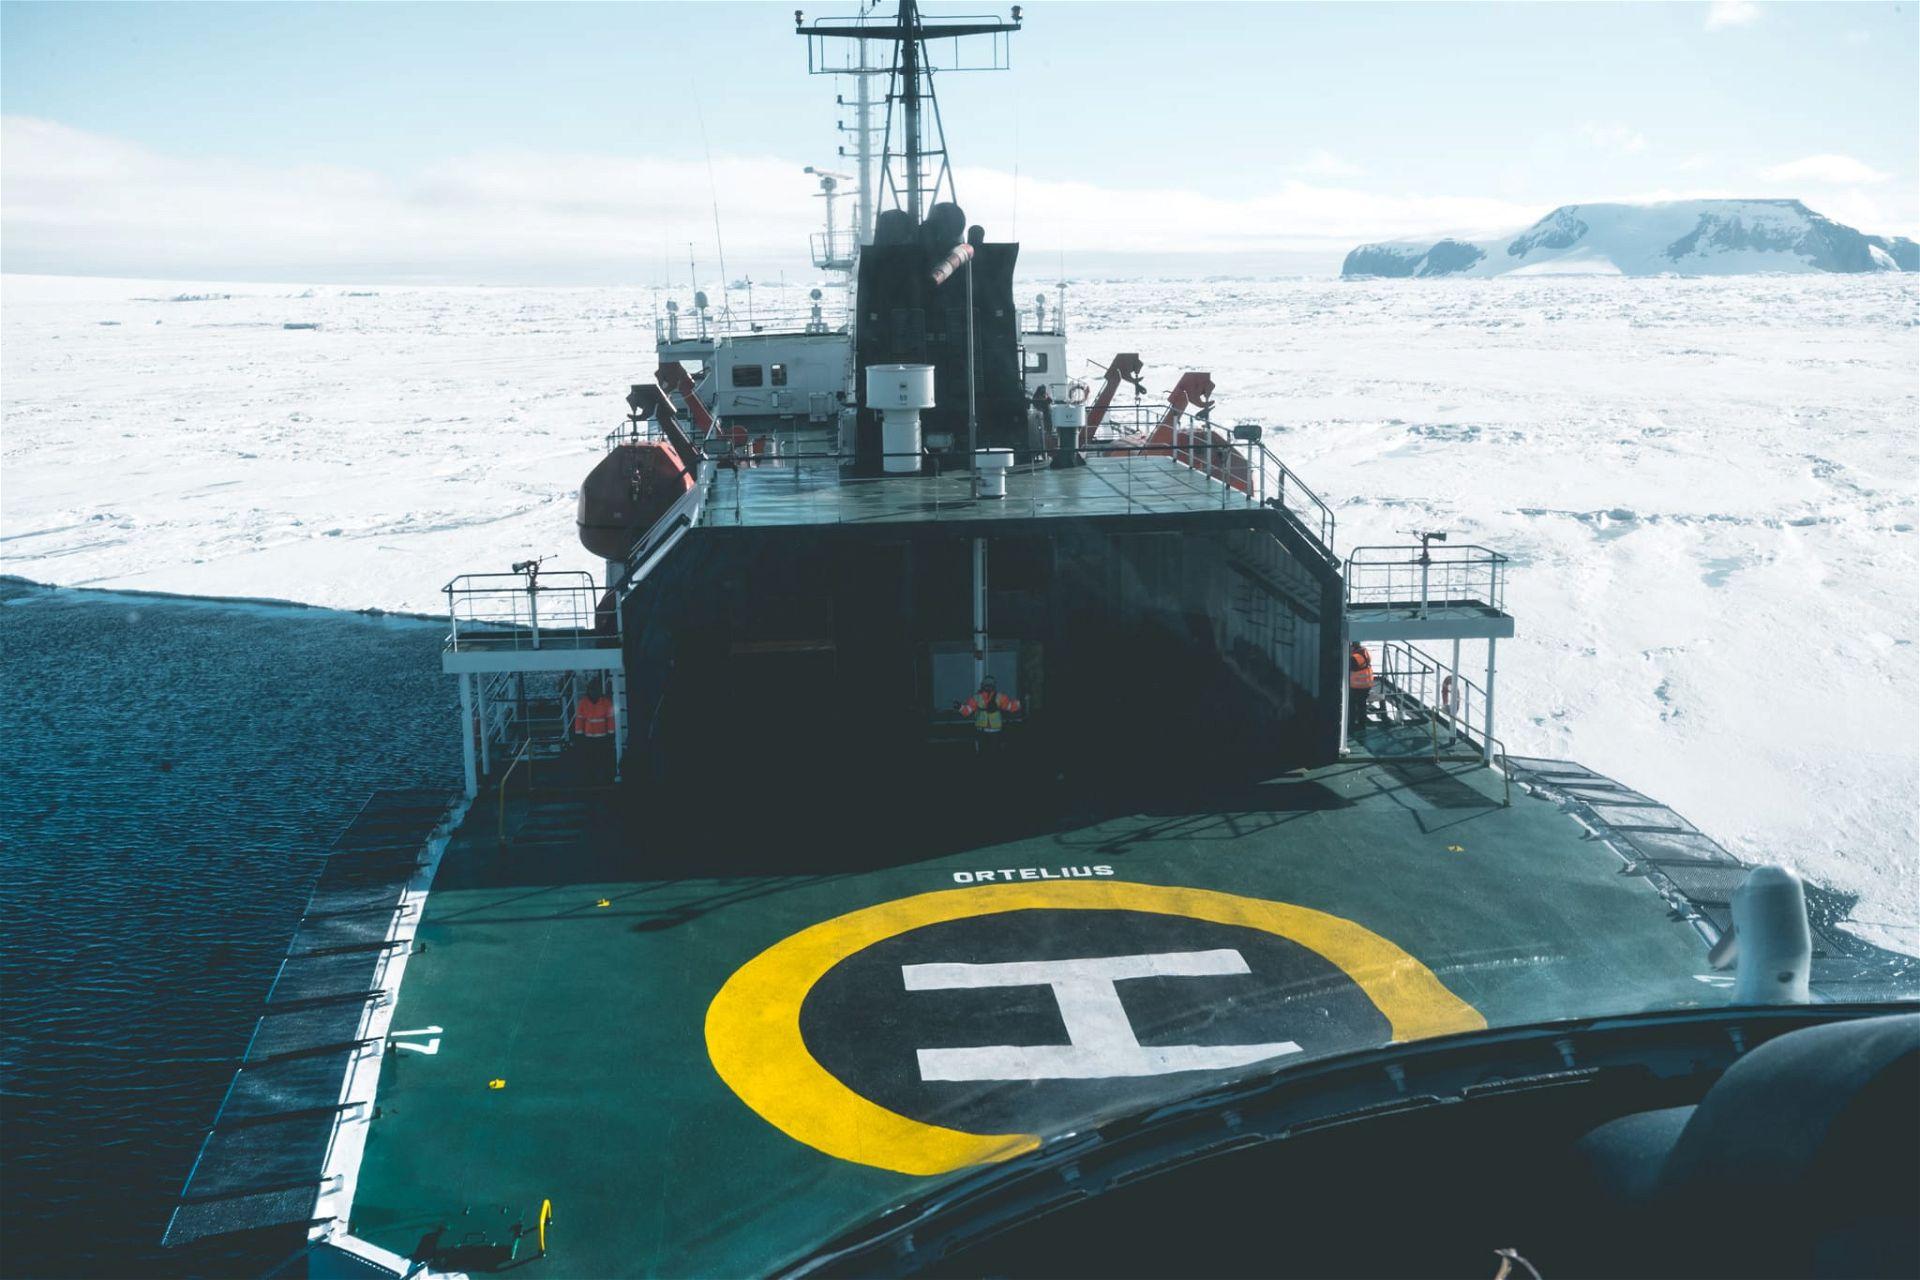 Expeditionsschiff Ortelius